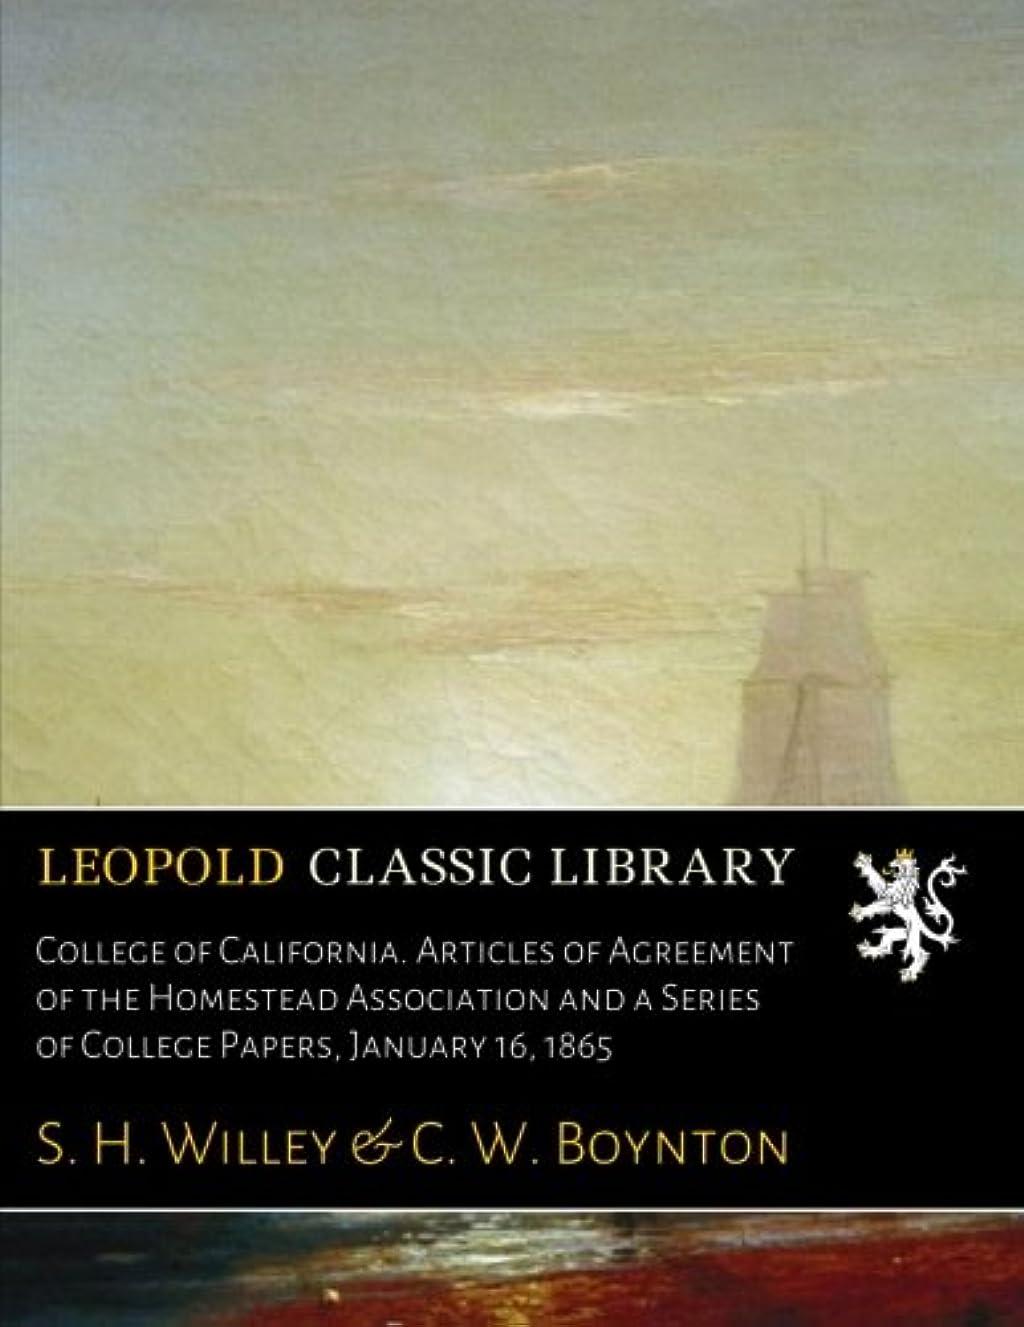 頑張る浸したコンパニオンCollege of California. Articles of Agreement of the Homestead Association and a Series of College Papers, January 16, 1865